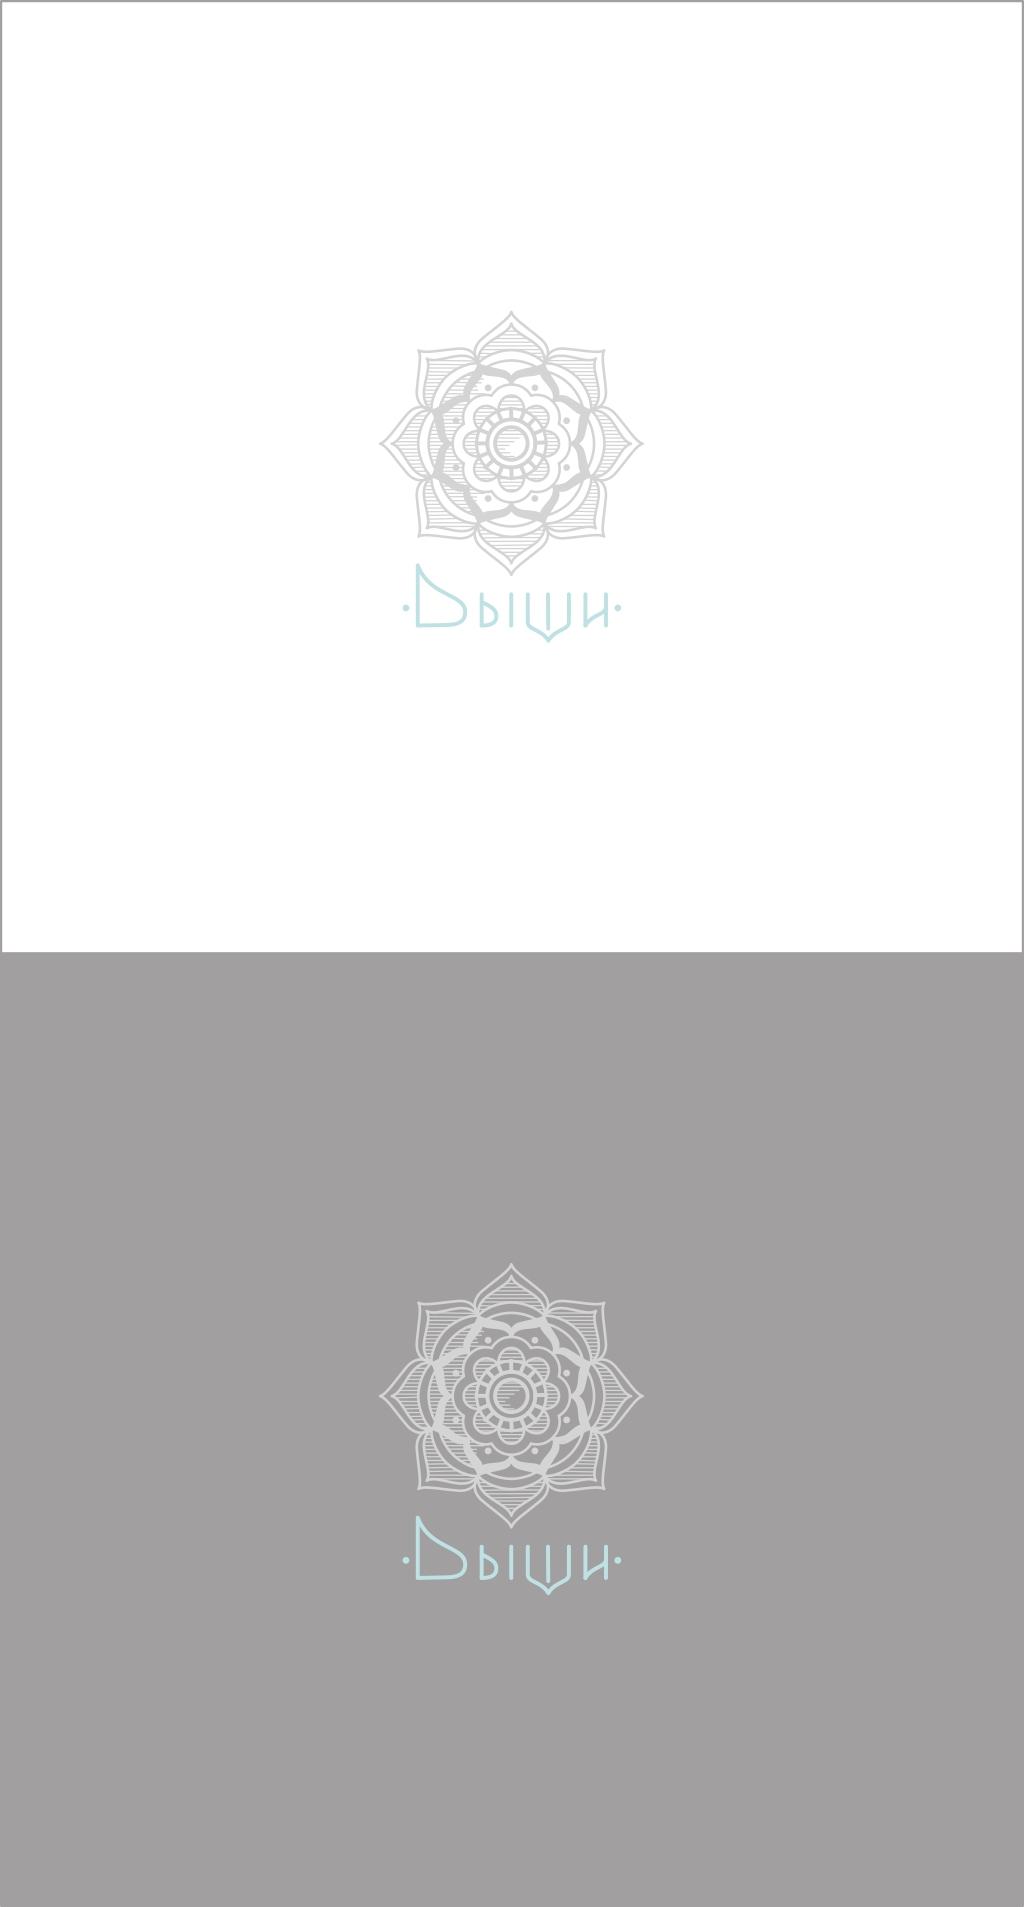 """Логотип для студии """"Дыши""""  и фирменный стиль фото f_24456f6ada84bdb5.jpg"""